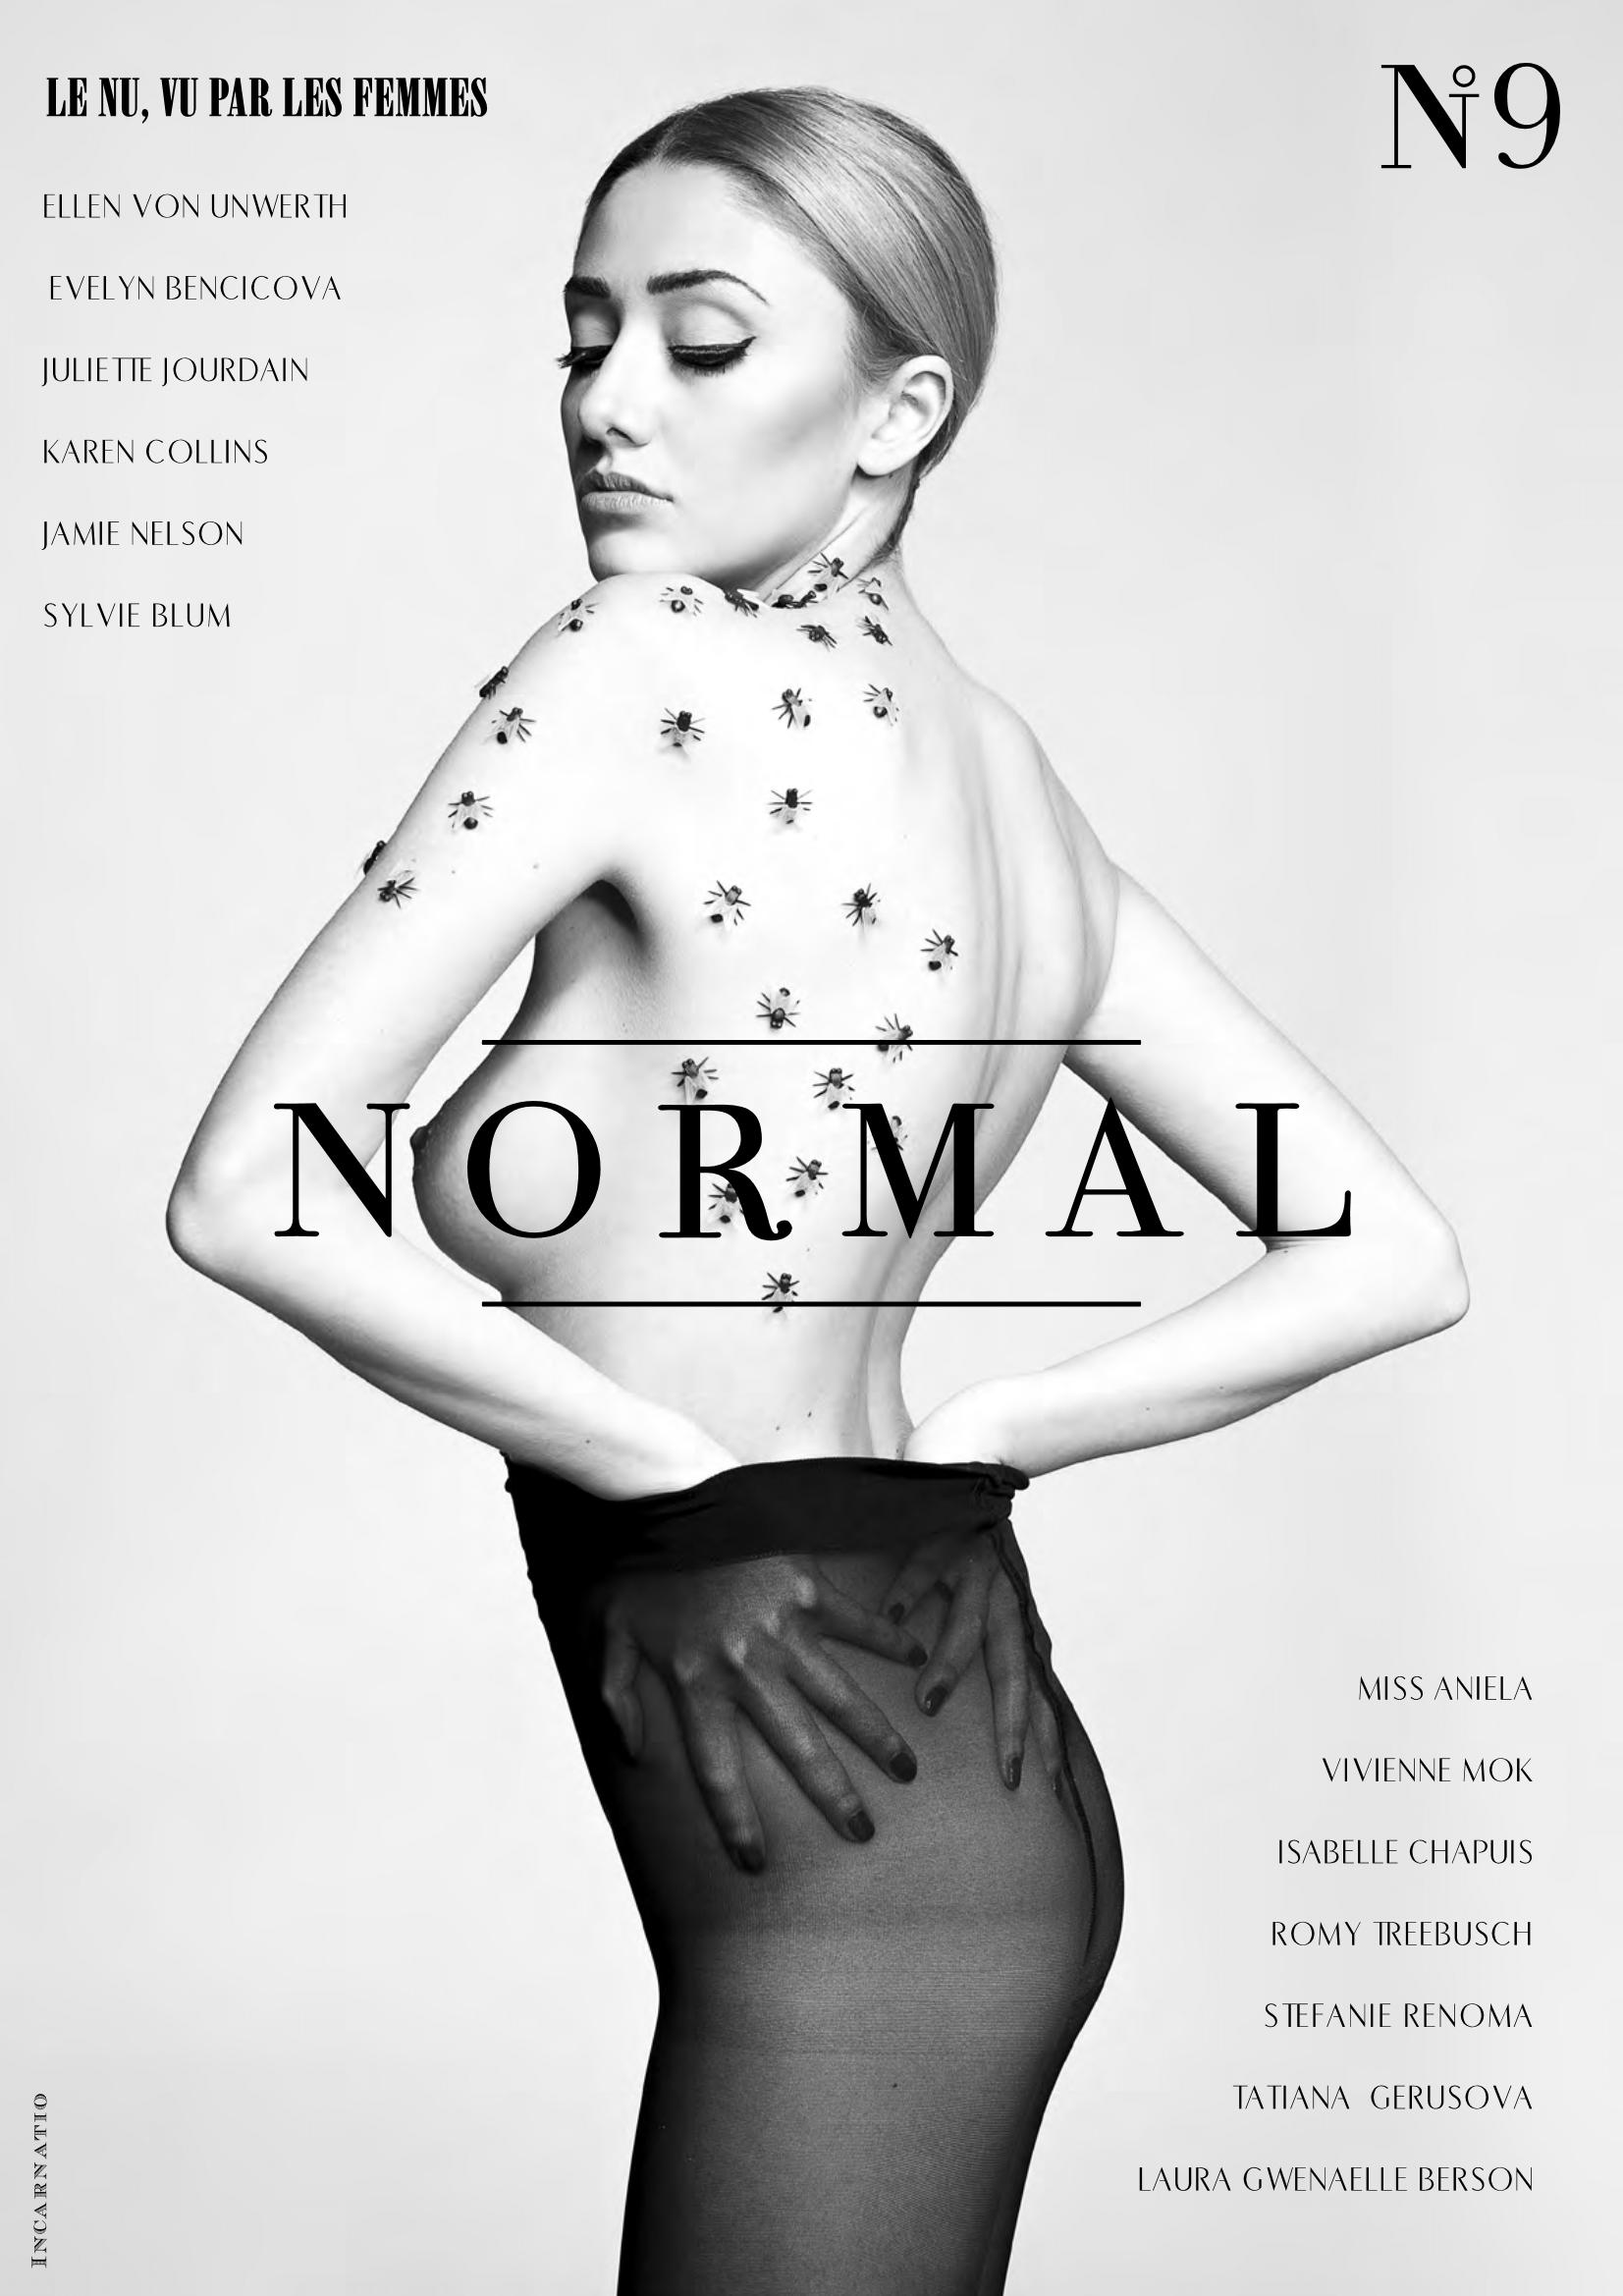 -Normal N°9 JJ - Copie_Page_1.png